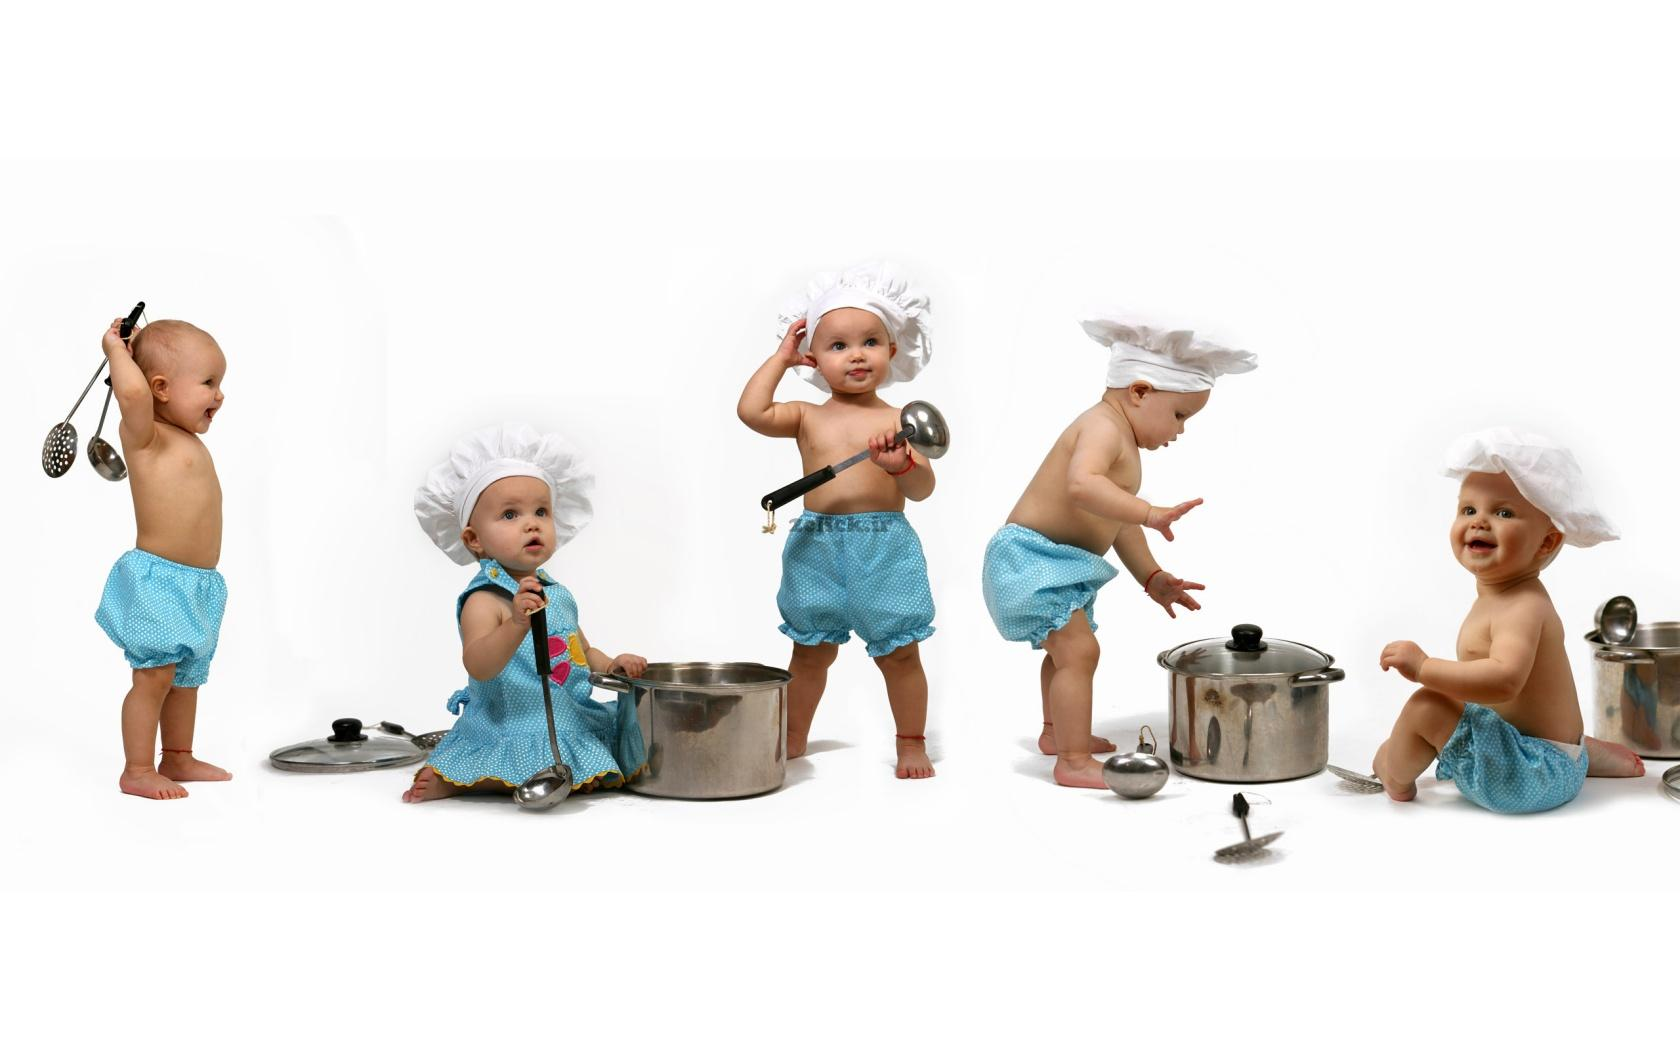 نکاتی در مورد اشتباهات روزمره در آشپزی